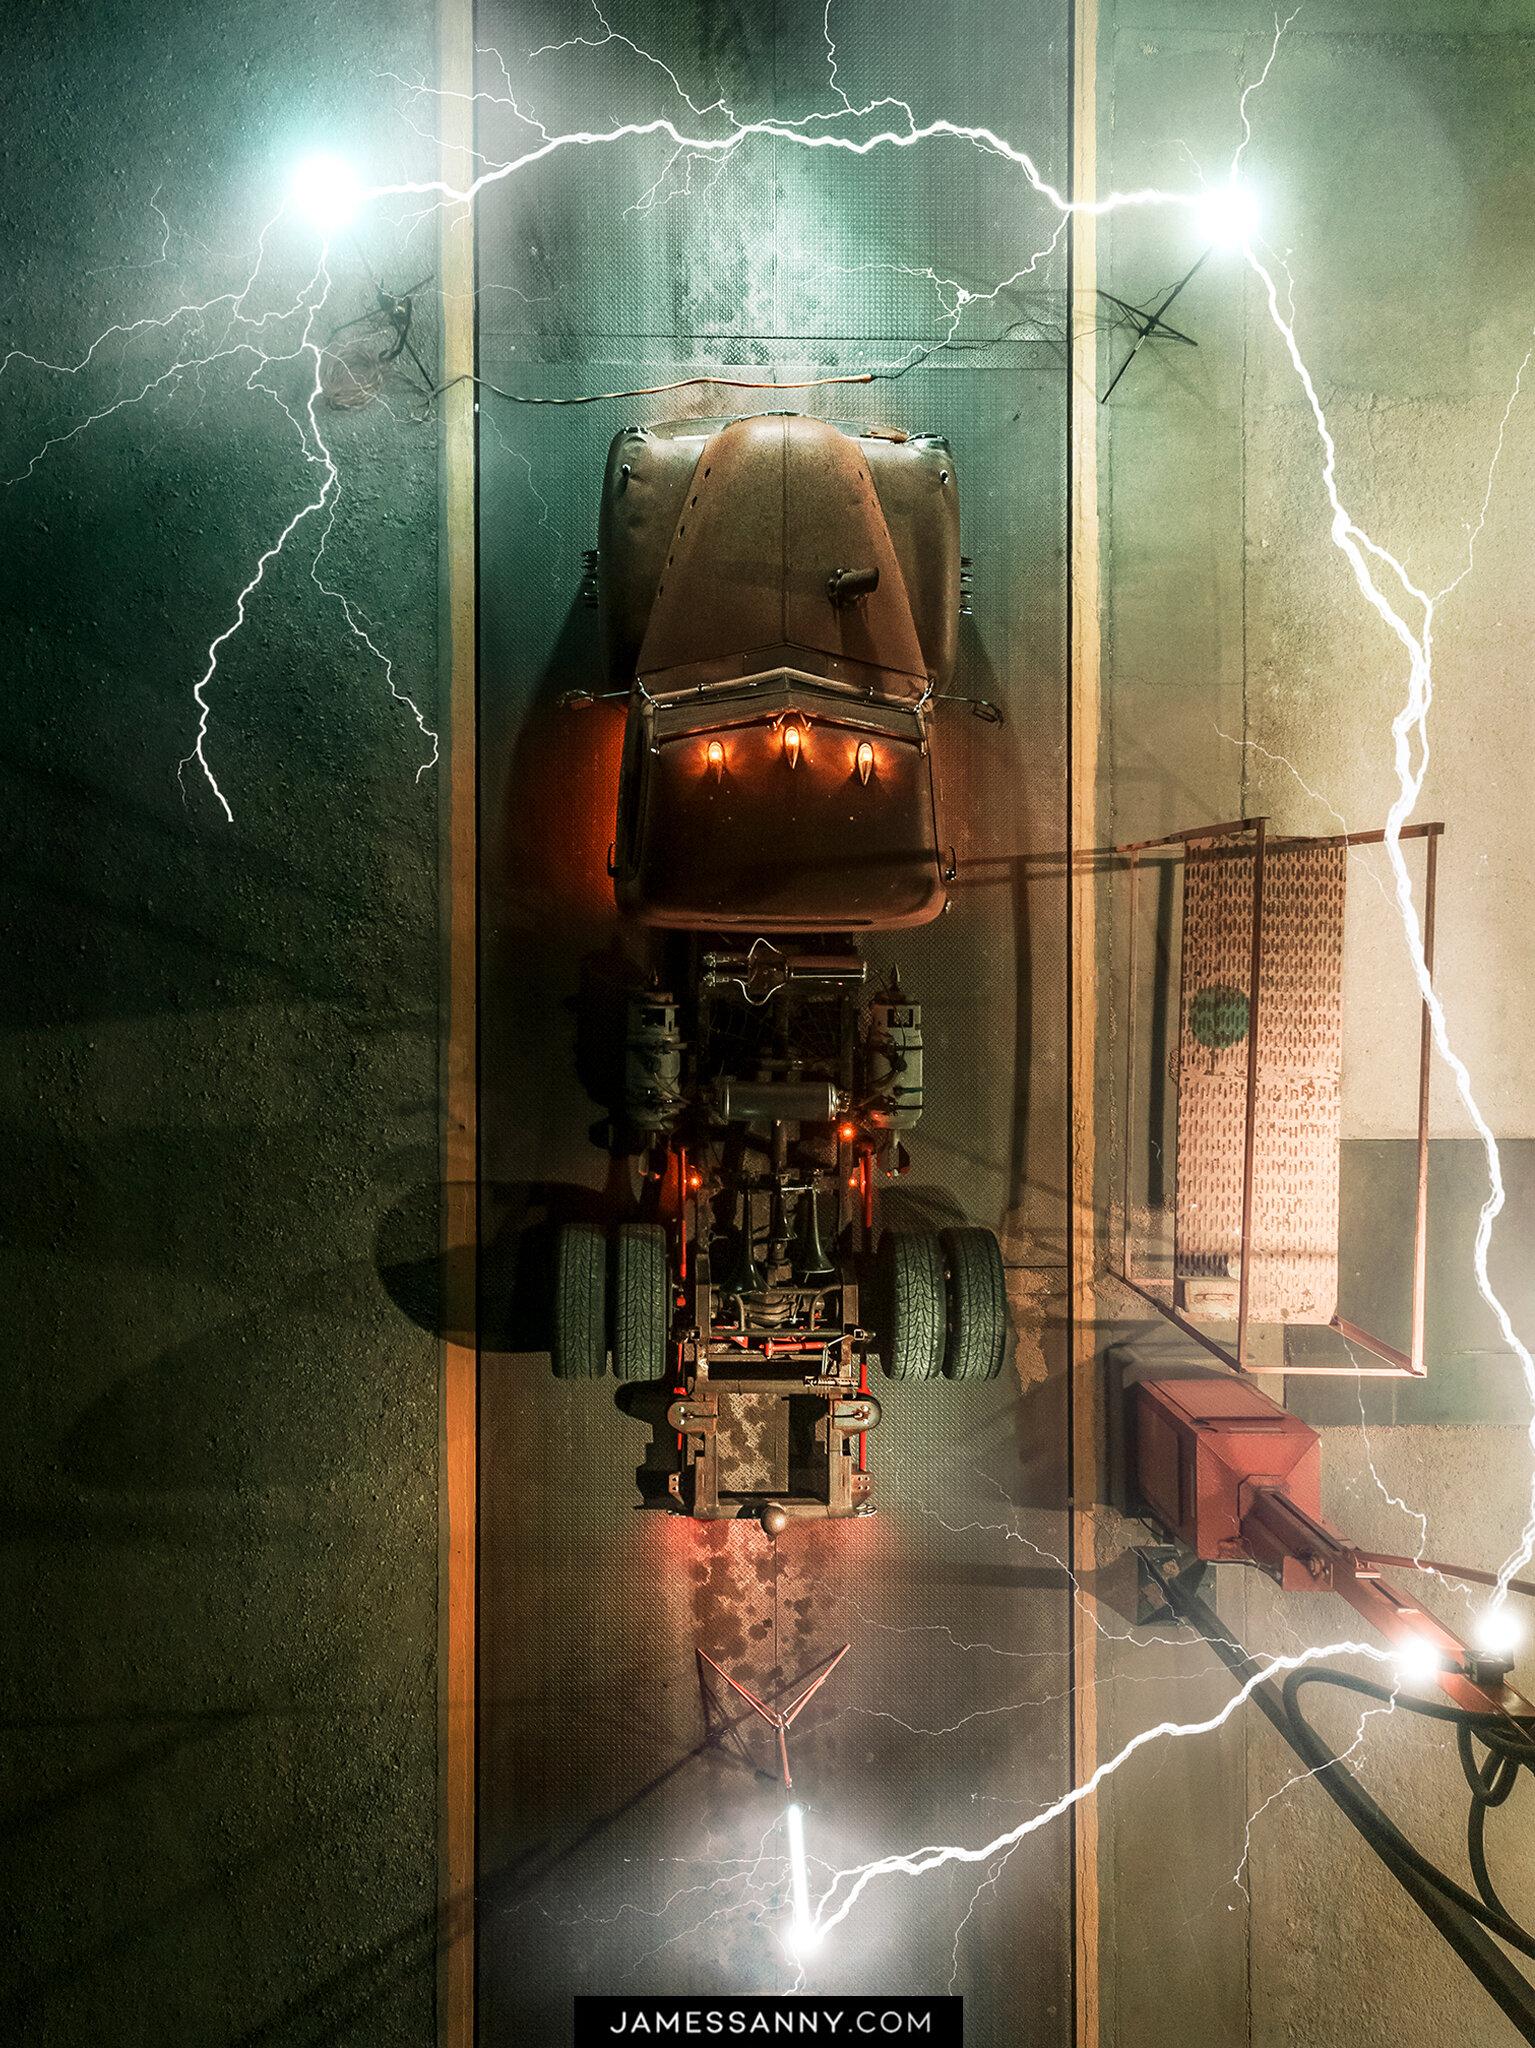 Trent-FrankensteinSMb.jpg